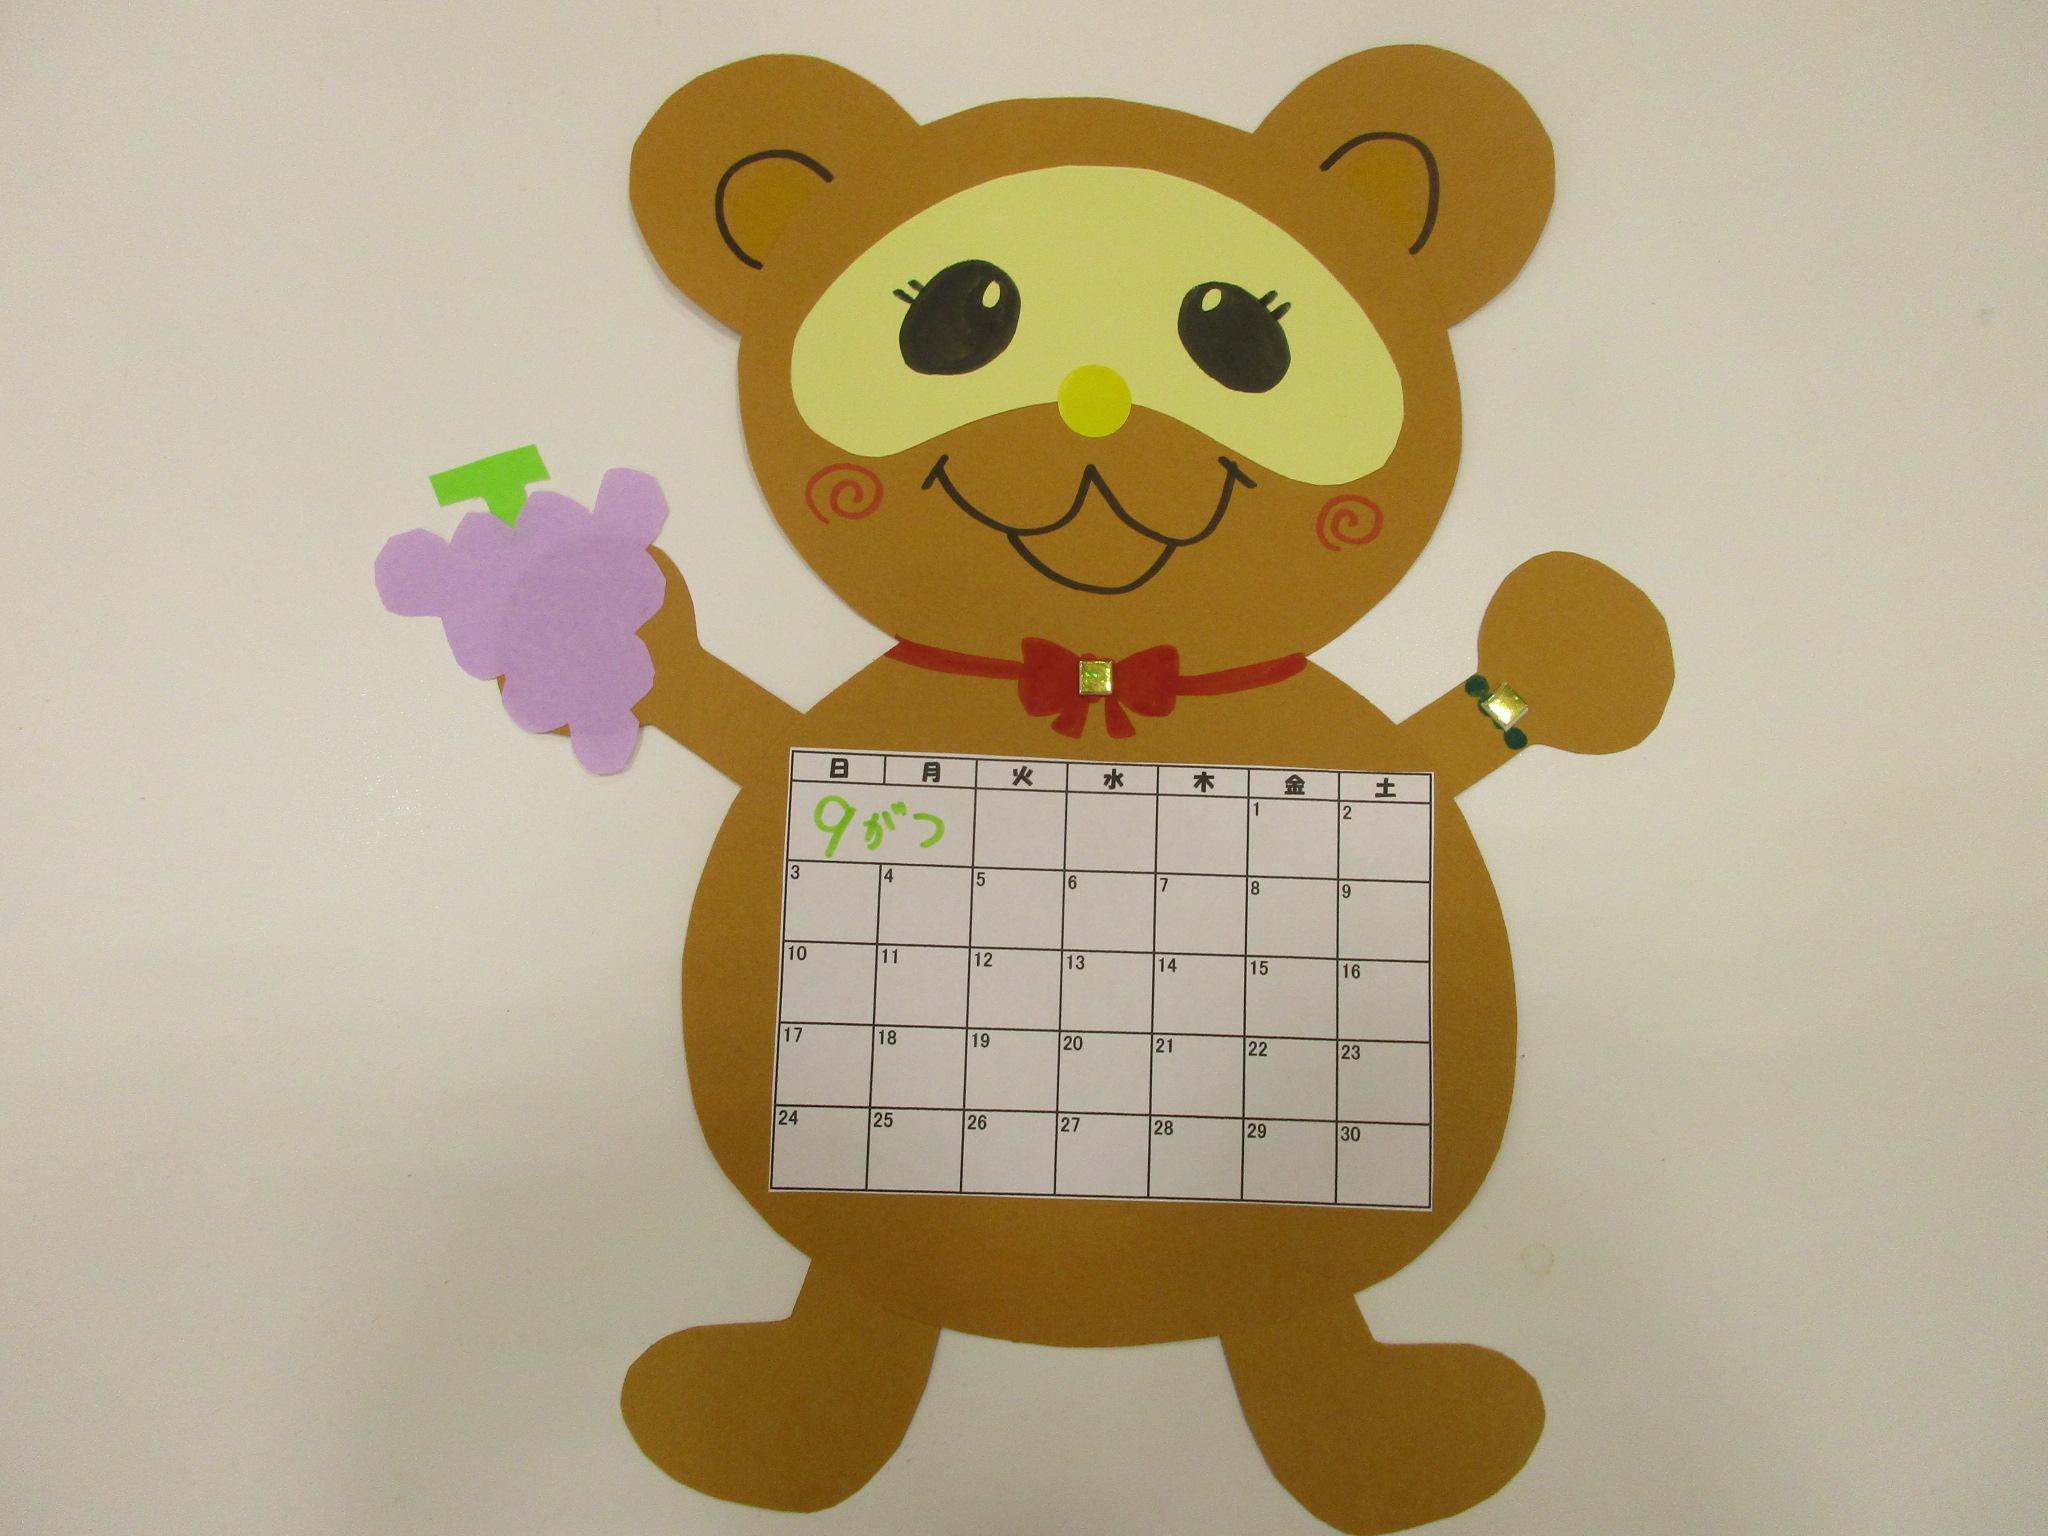 9月のカレンダー作り